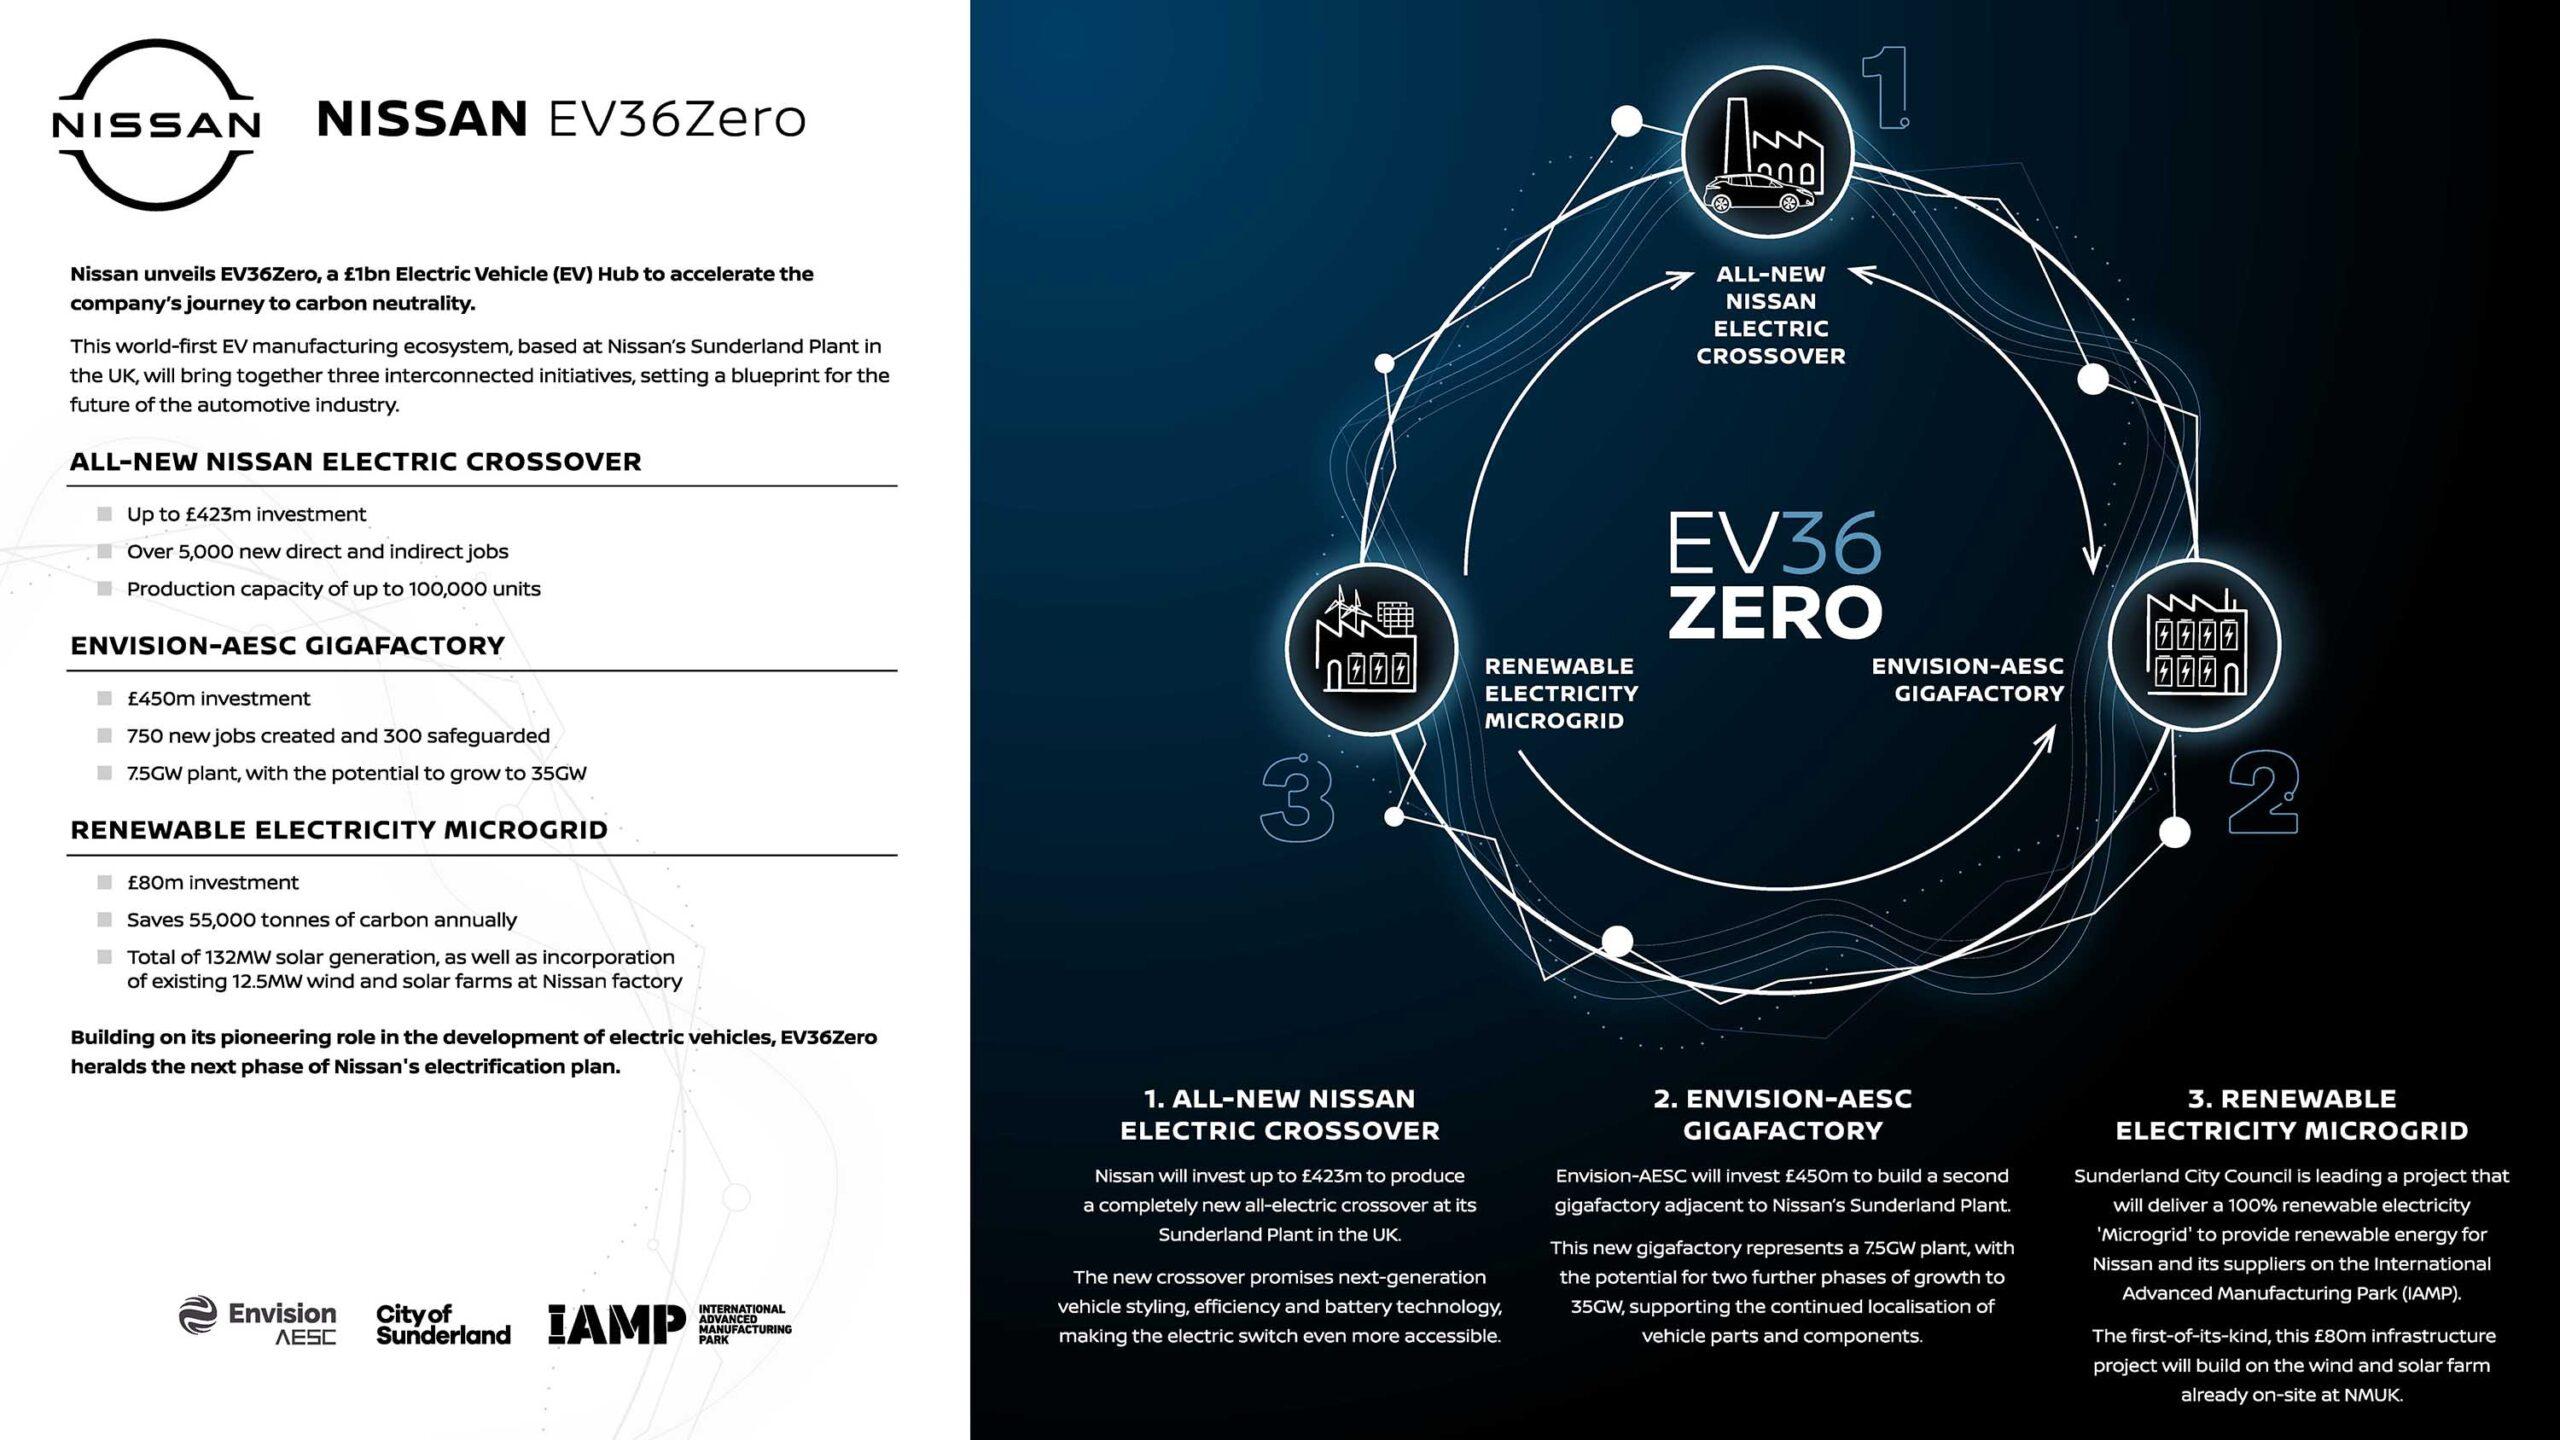 Regno Unito, Nissan EV36Zero è un Electric Vehicle Hub da un miliardo di sterline